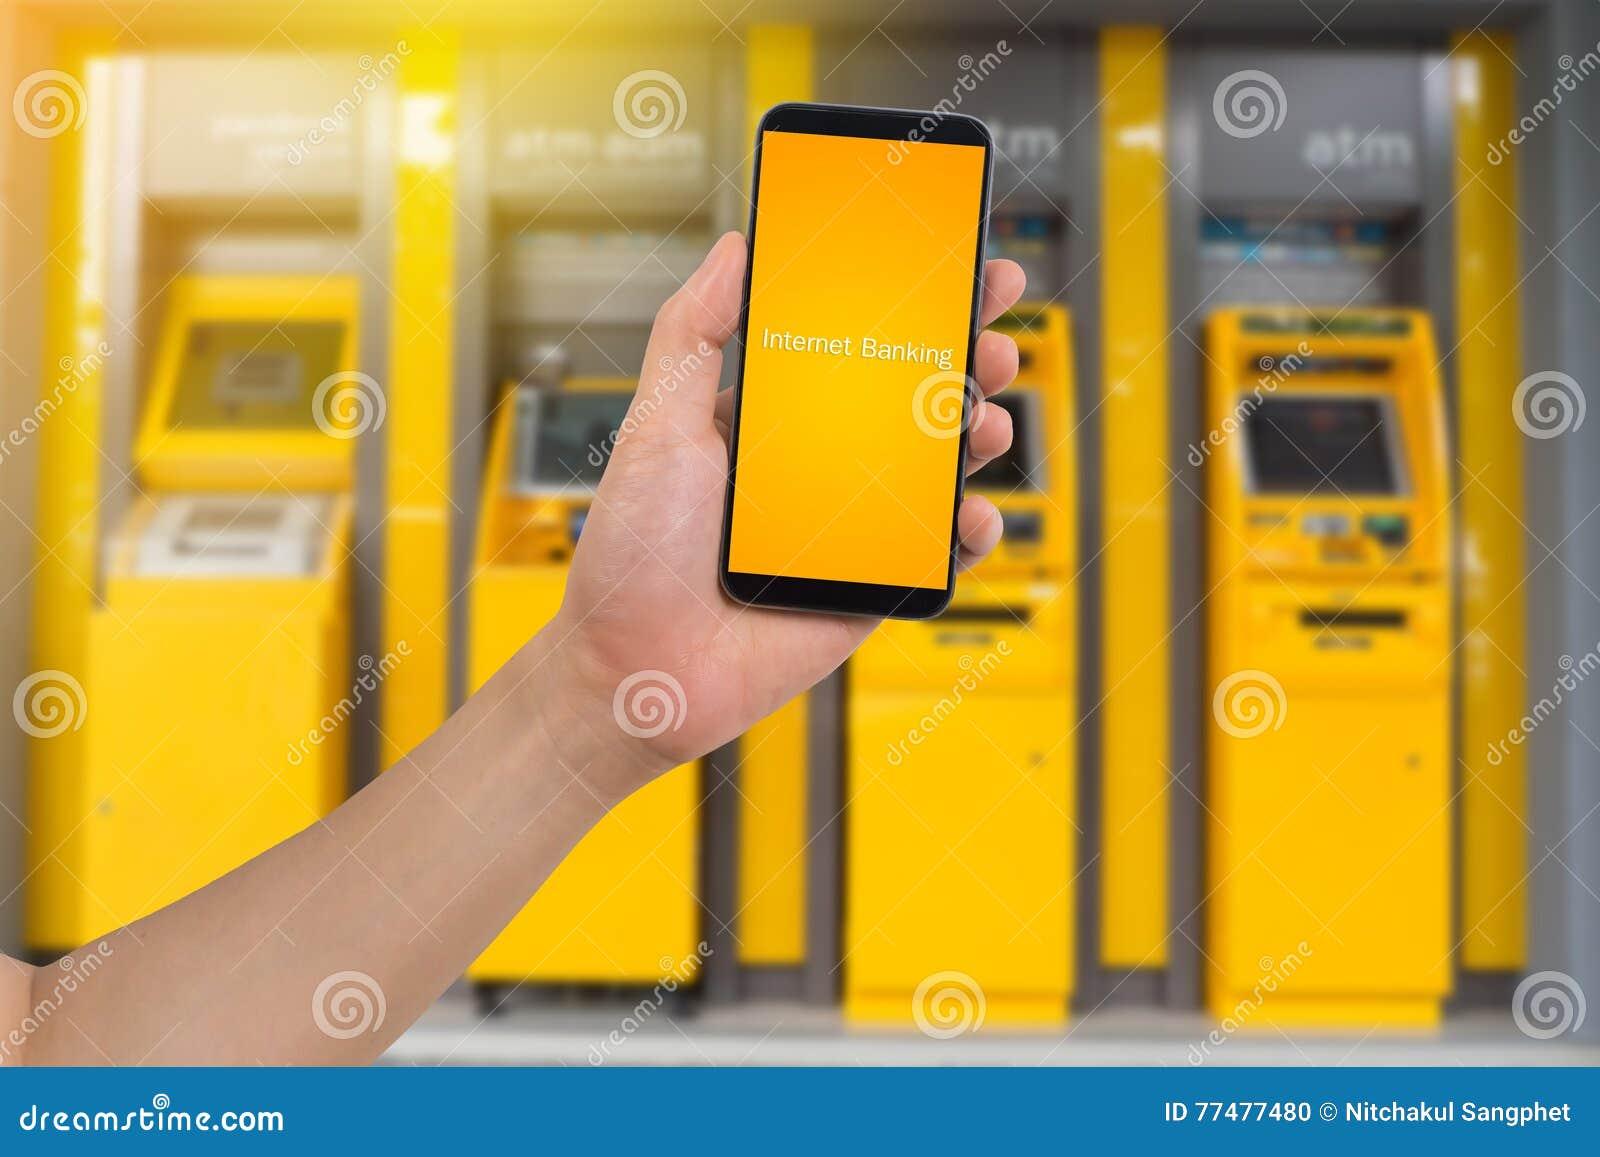 Telefone esperto da posse humana da mão, tabuleta, telefone celular com os Internet banking virtuais do app no fundo obscuro da m